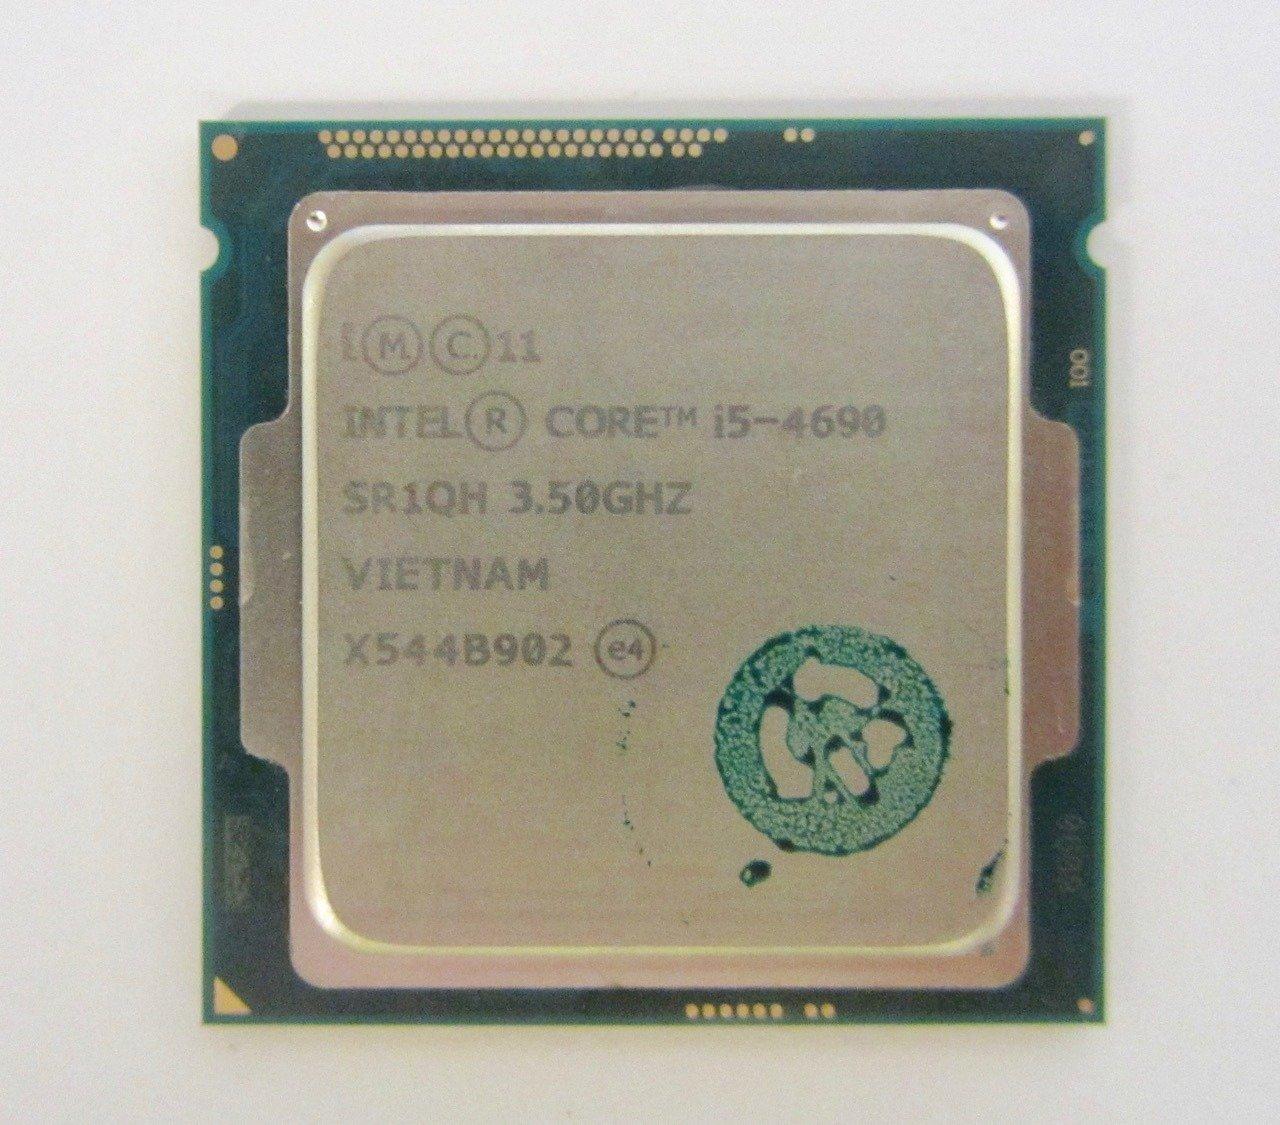 LGA1150 CPU Intel Core SR1QH i5-4690 3.50GHz 5GT//s 6MB Quad-Core 4th Gen